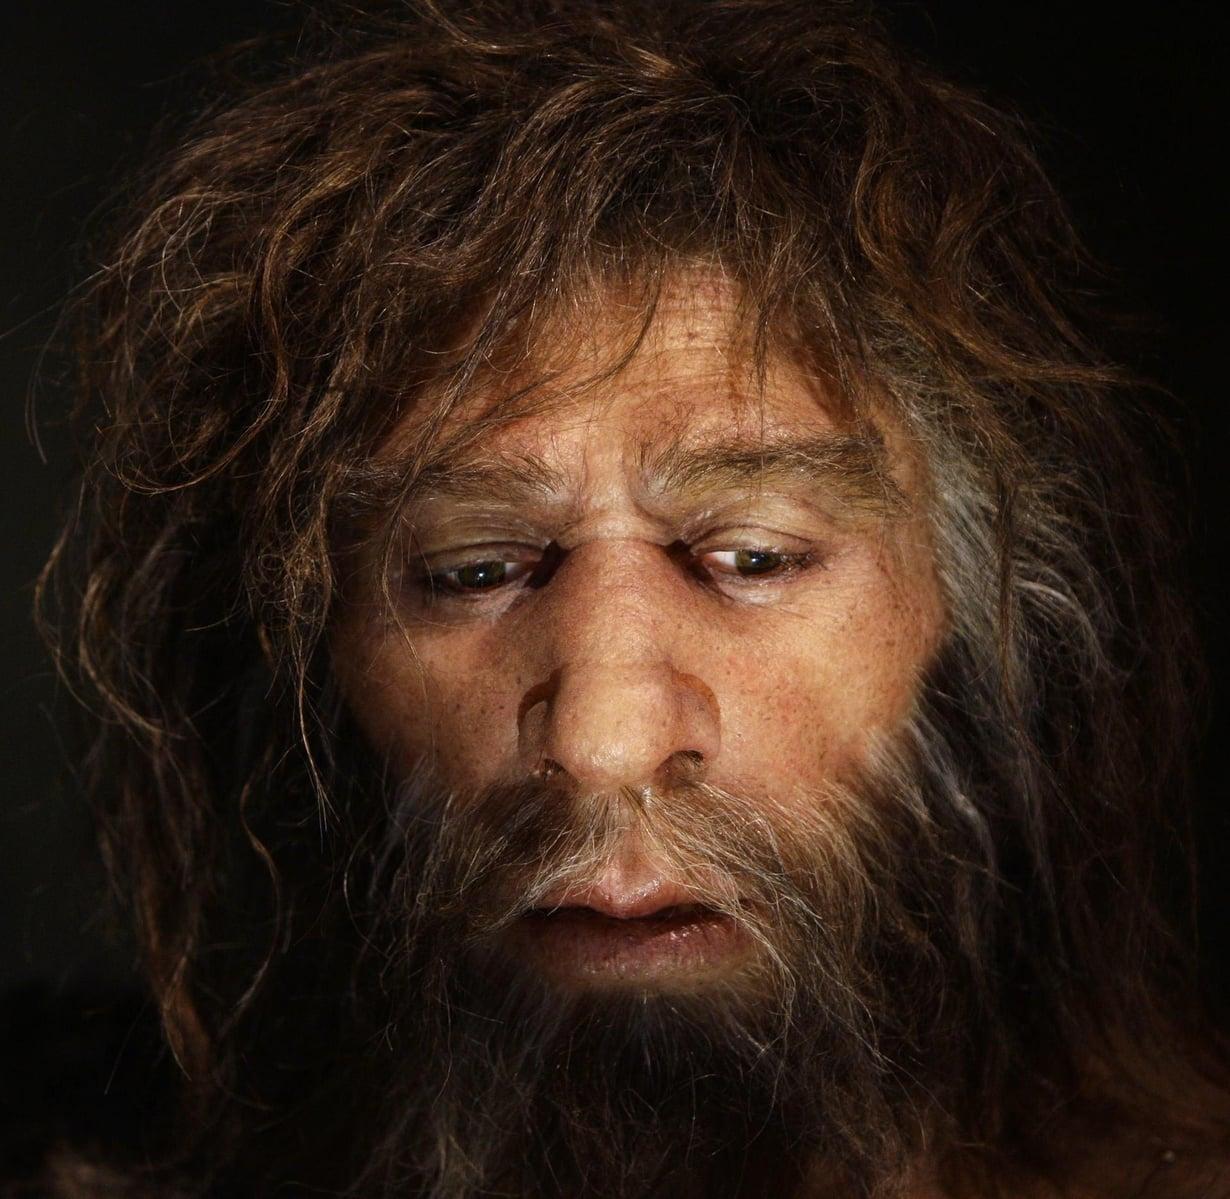 Tältä näyttää neandertalilaismies kroatialaisen nendertalmuseon taiteilijan hahmottelemana. Kuva: Nikola Solic / Reuters